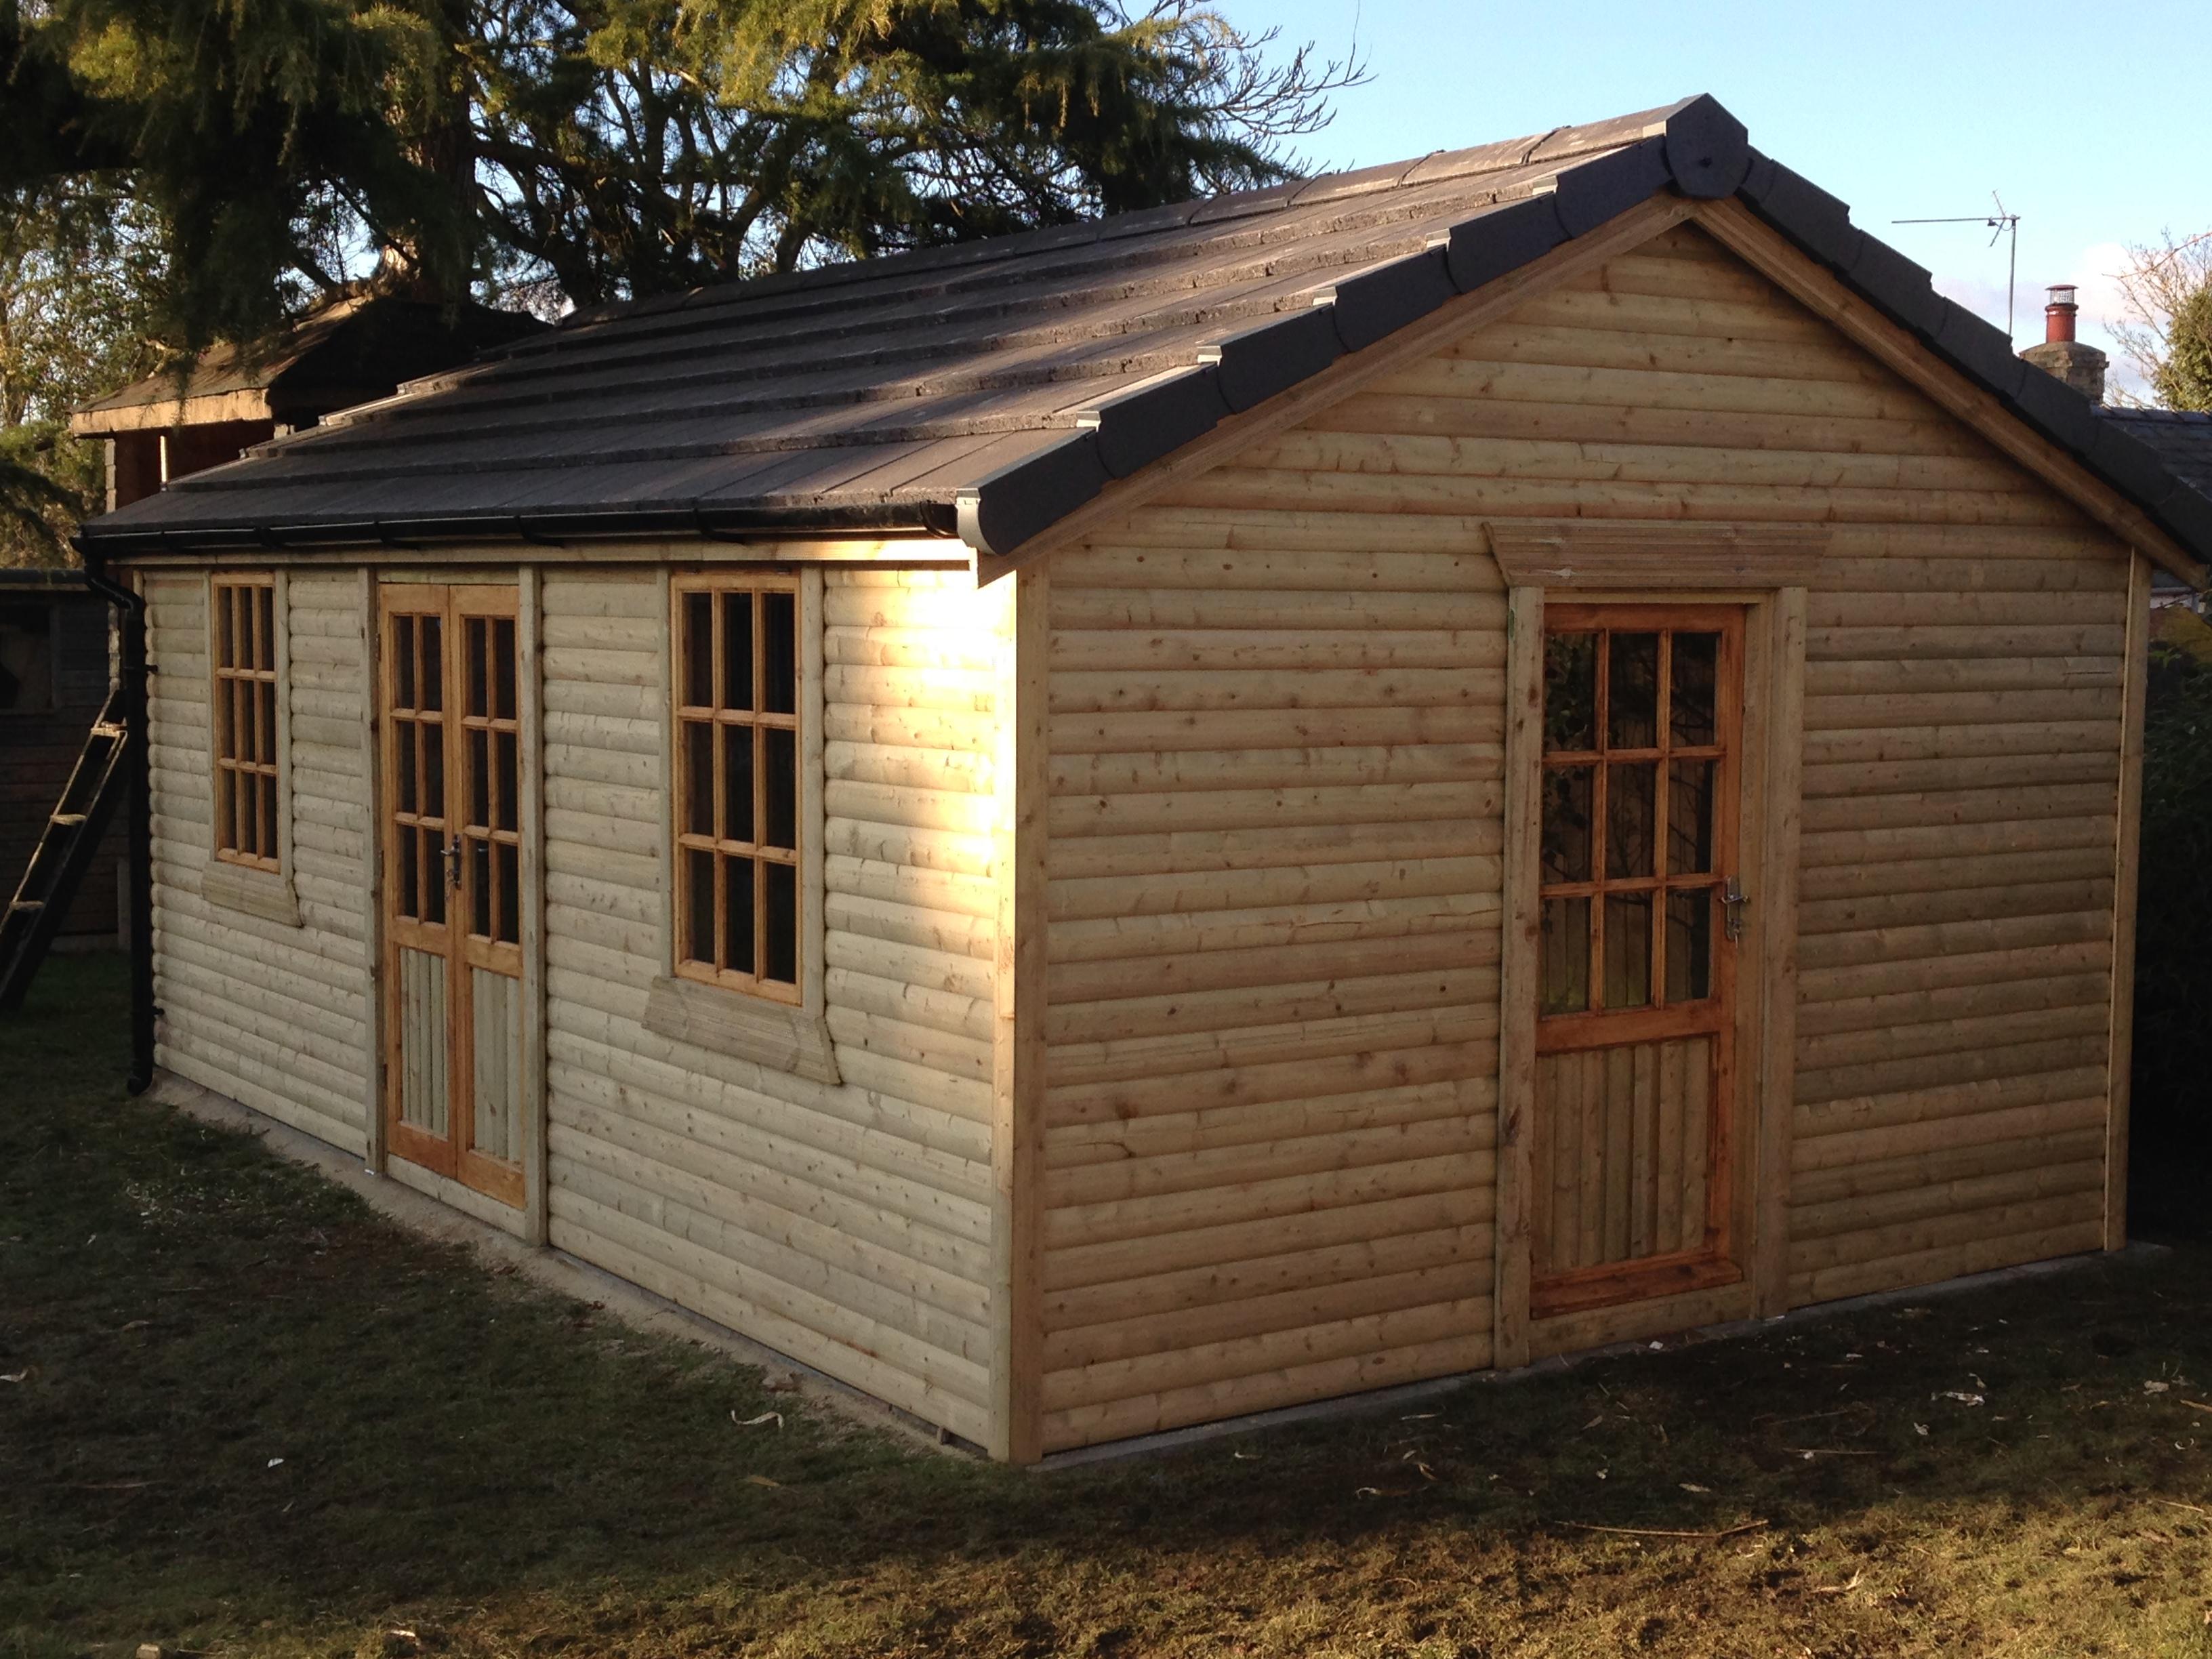 Bespoke Sheds Outbuildings Workshops Log Cabins Summer Houses